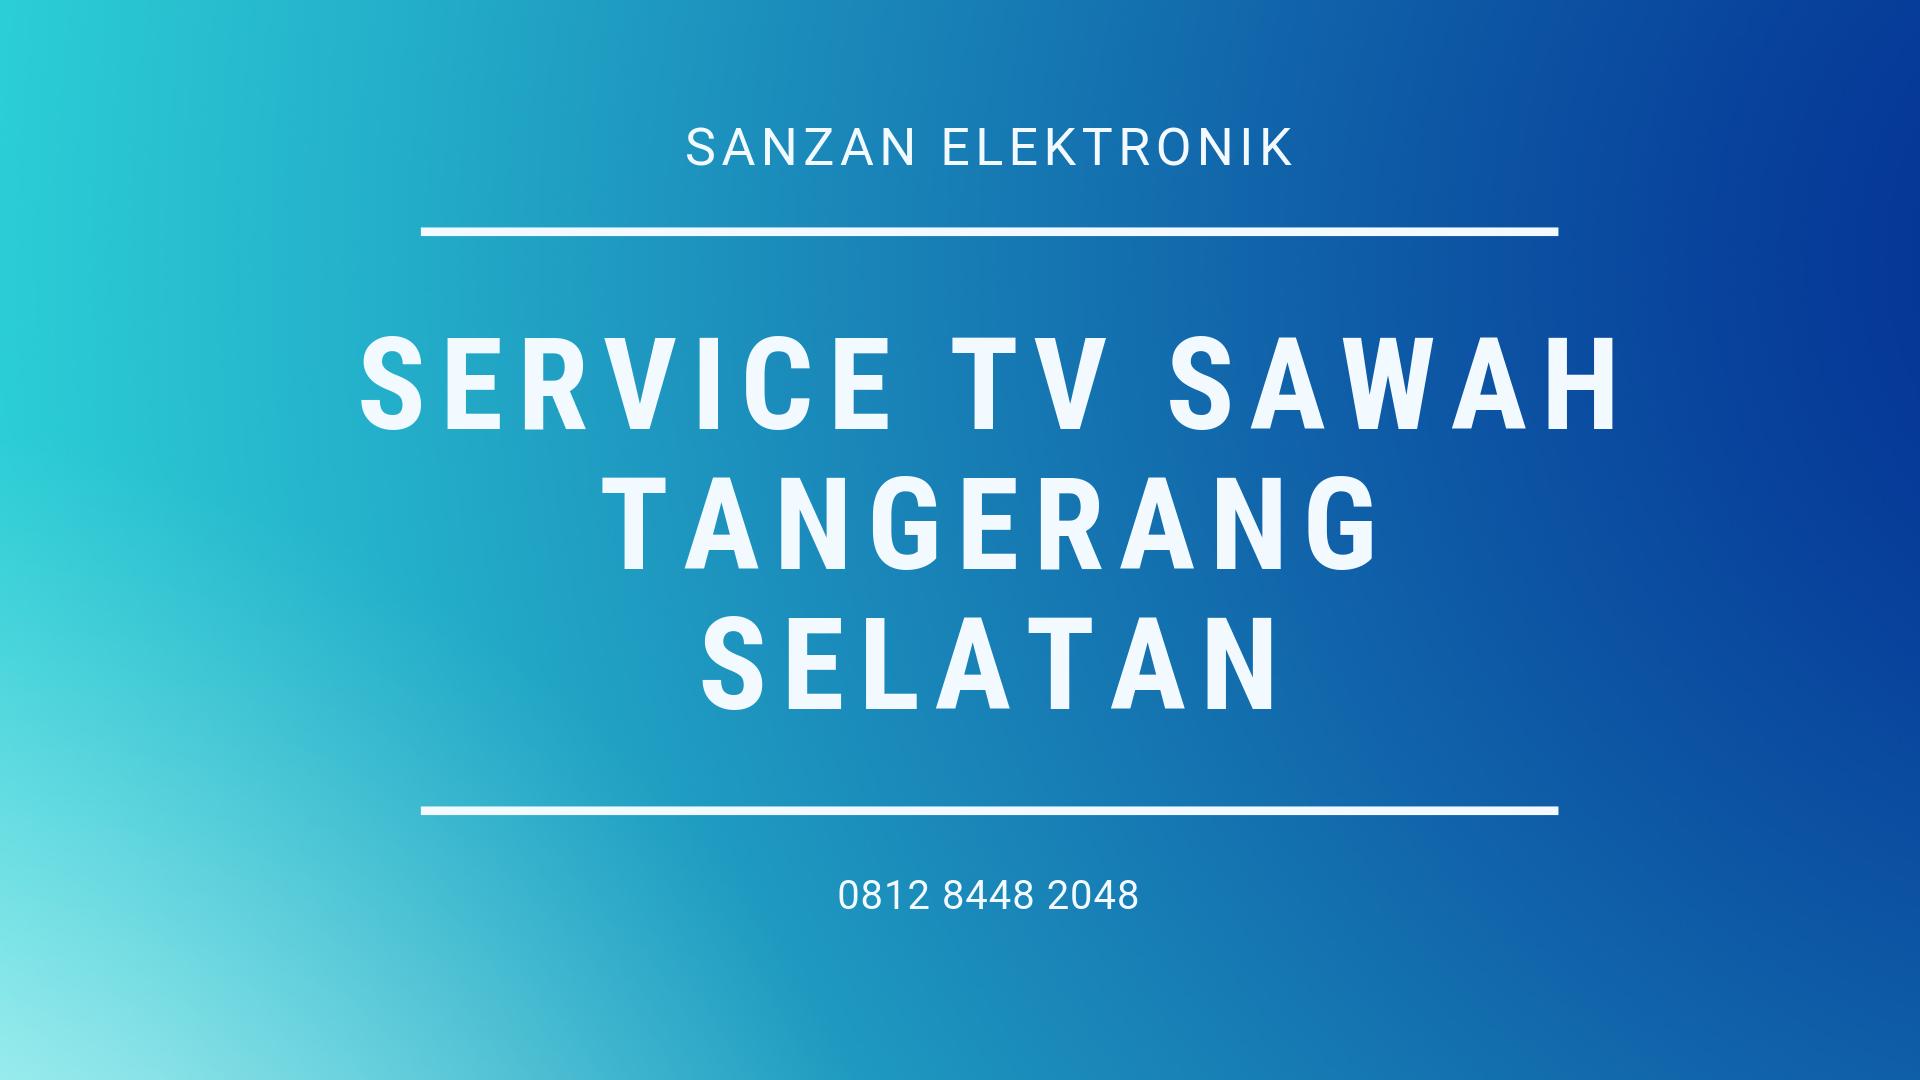 Service TV Sawah Tangerang Selatan